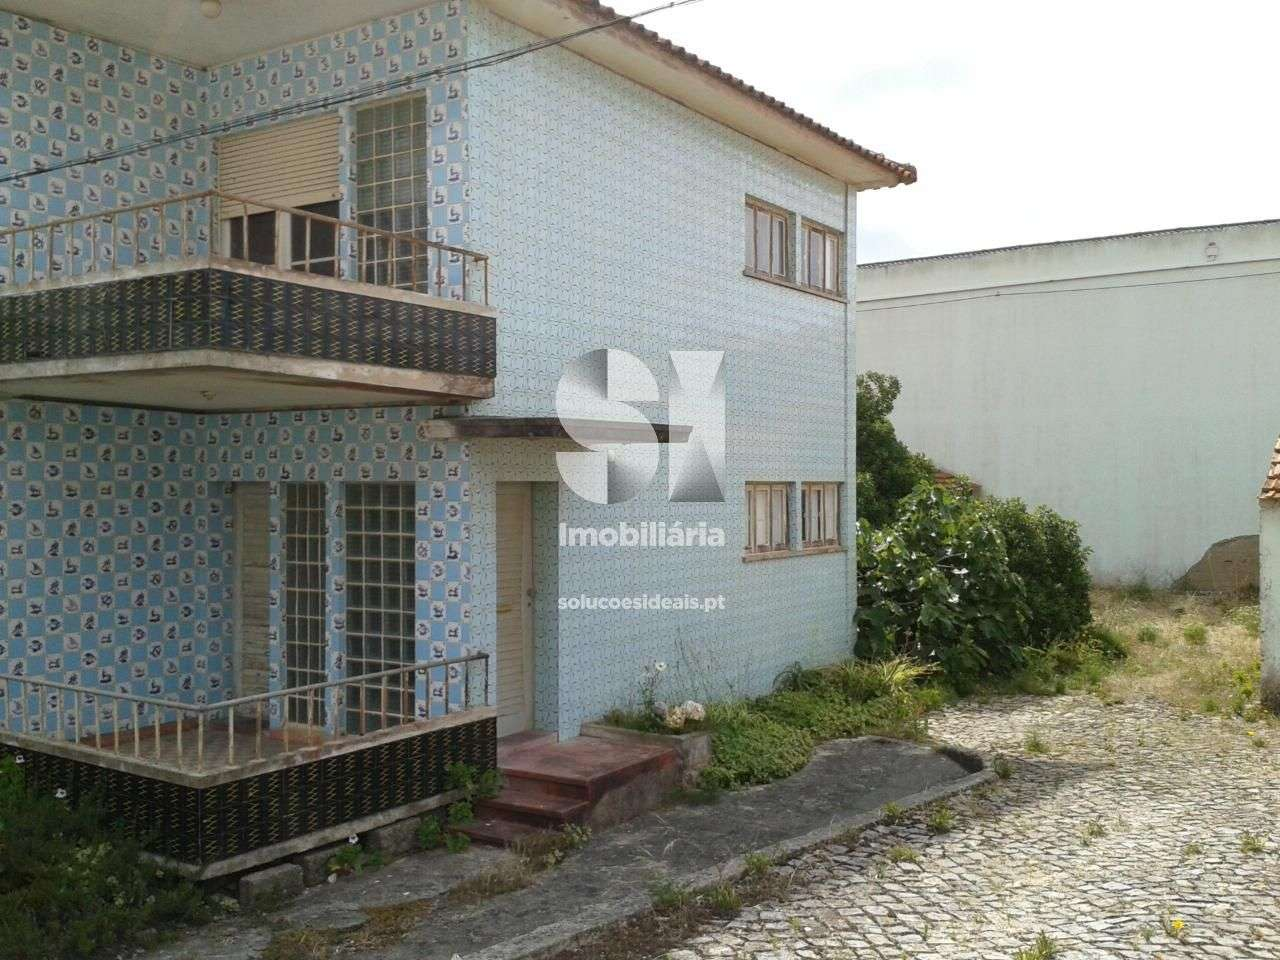 Prédio para comprar, Vieira de Leiria, Leiria - Foto 3